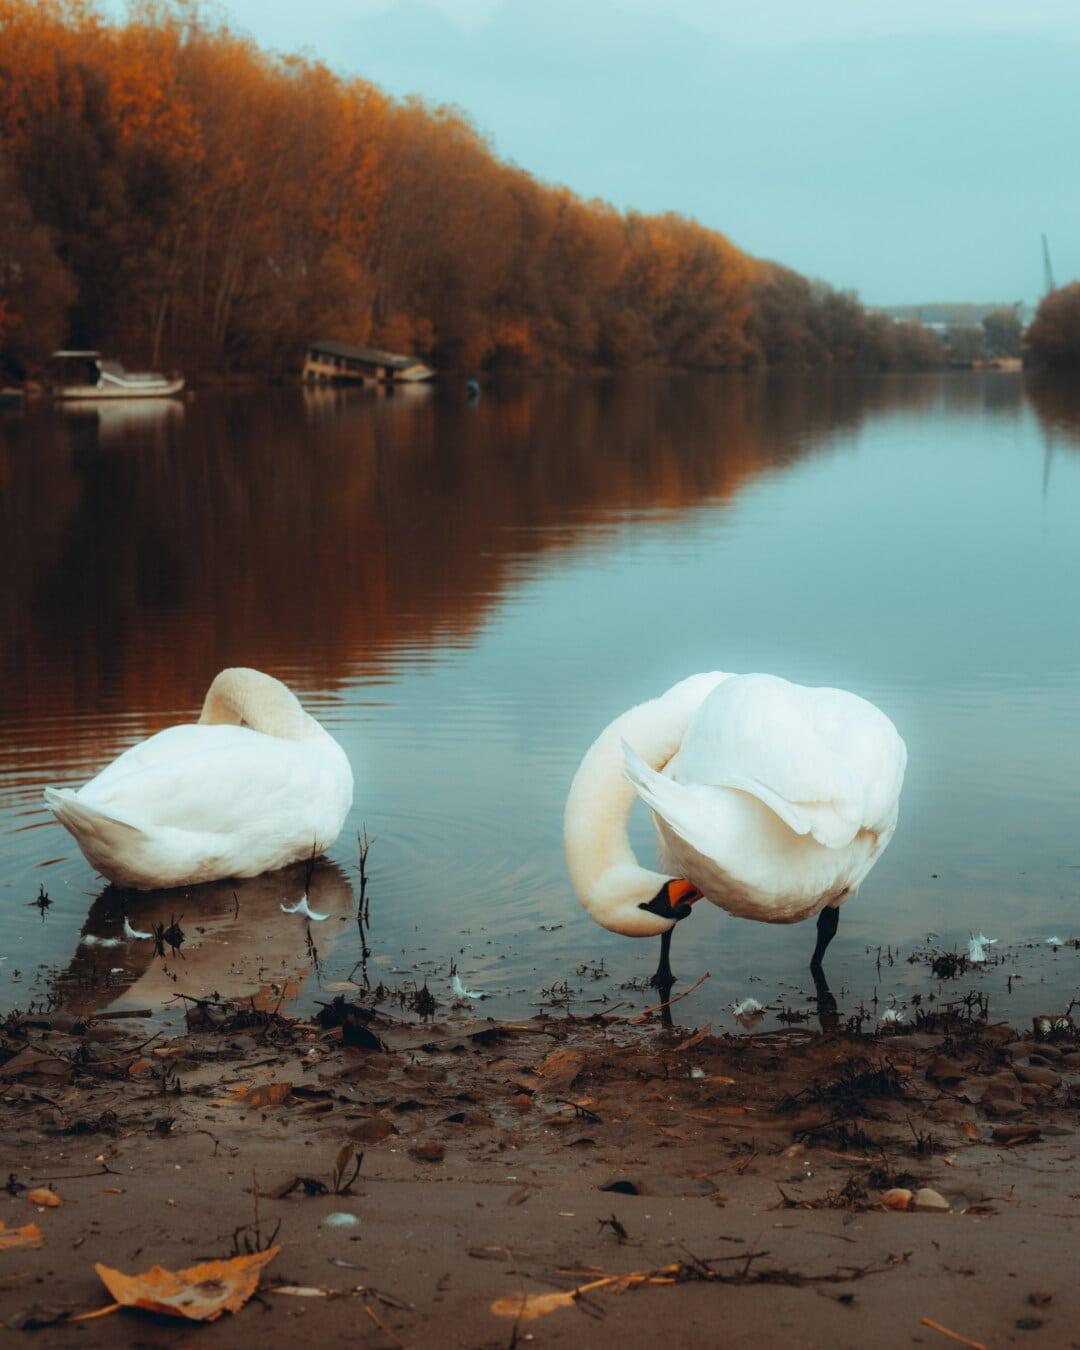 au bord du lac, cygne, placide, panache, eau, oiseau, Lac, oiseaux aquatique, coucher de soleil, nature